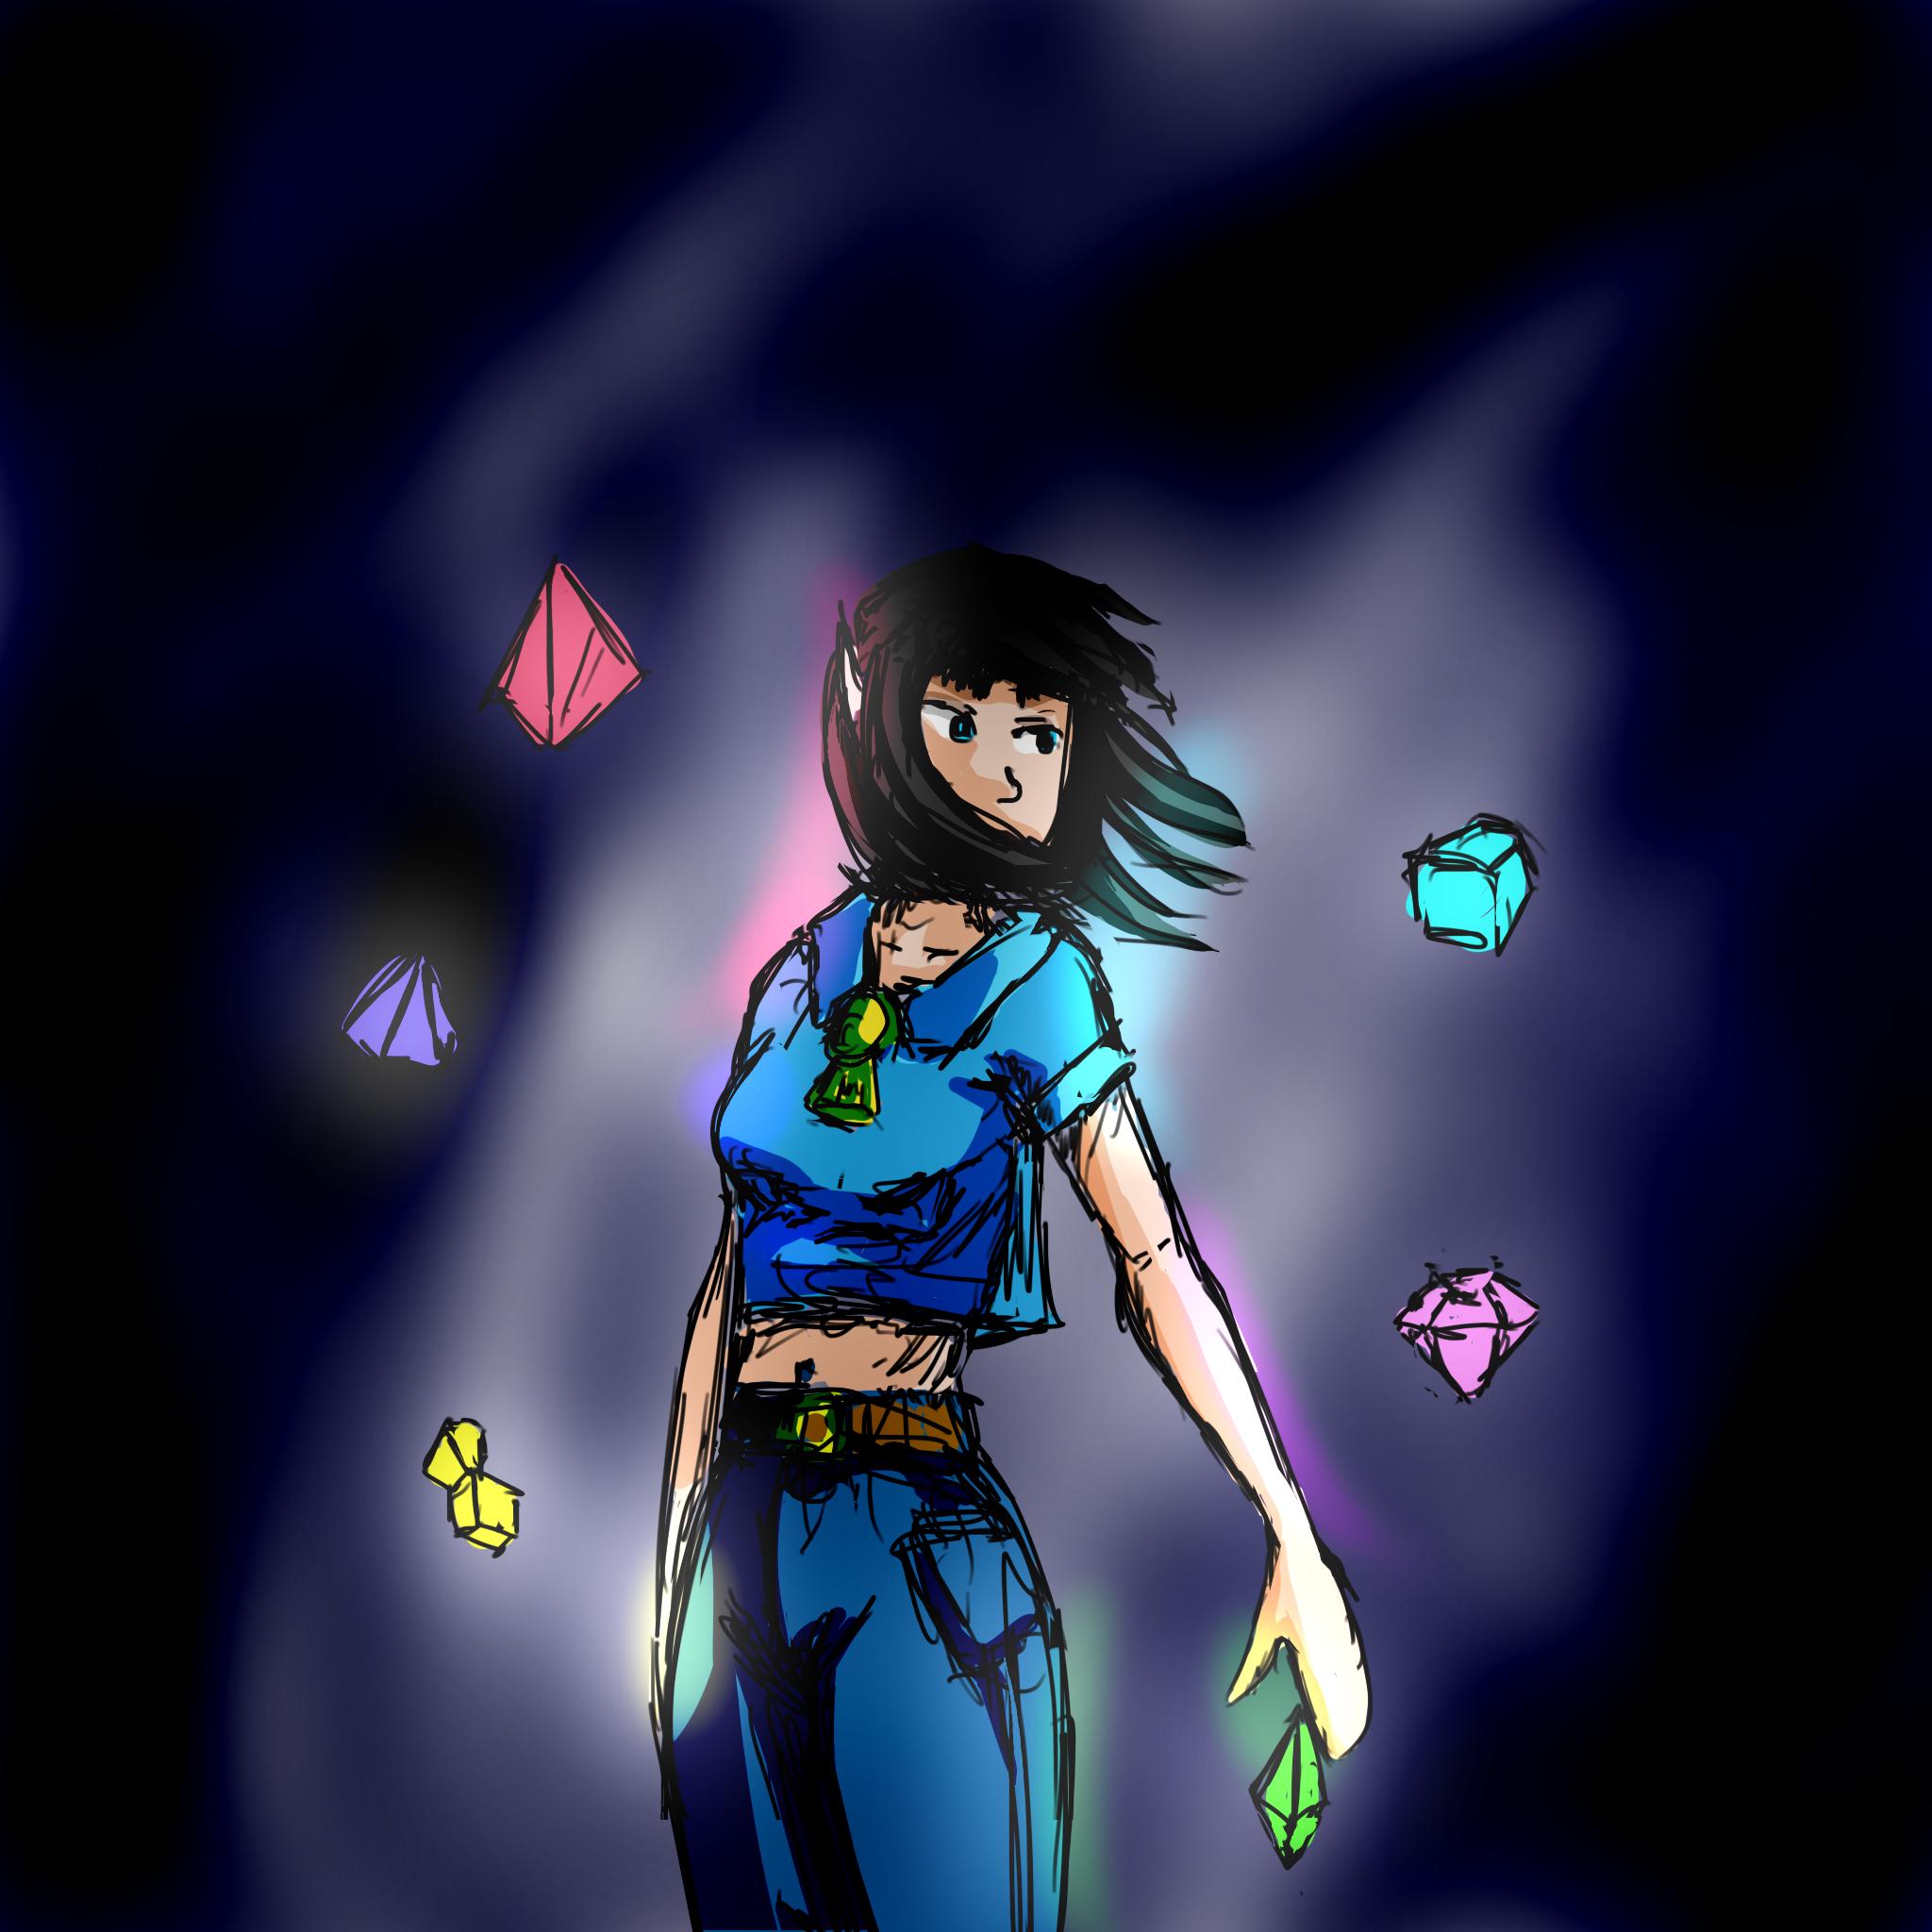 Cristalfumbi #2 by GhoulMage